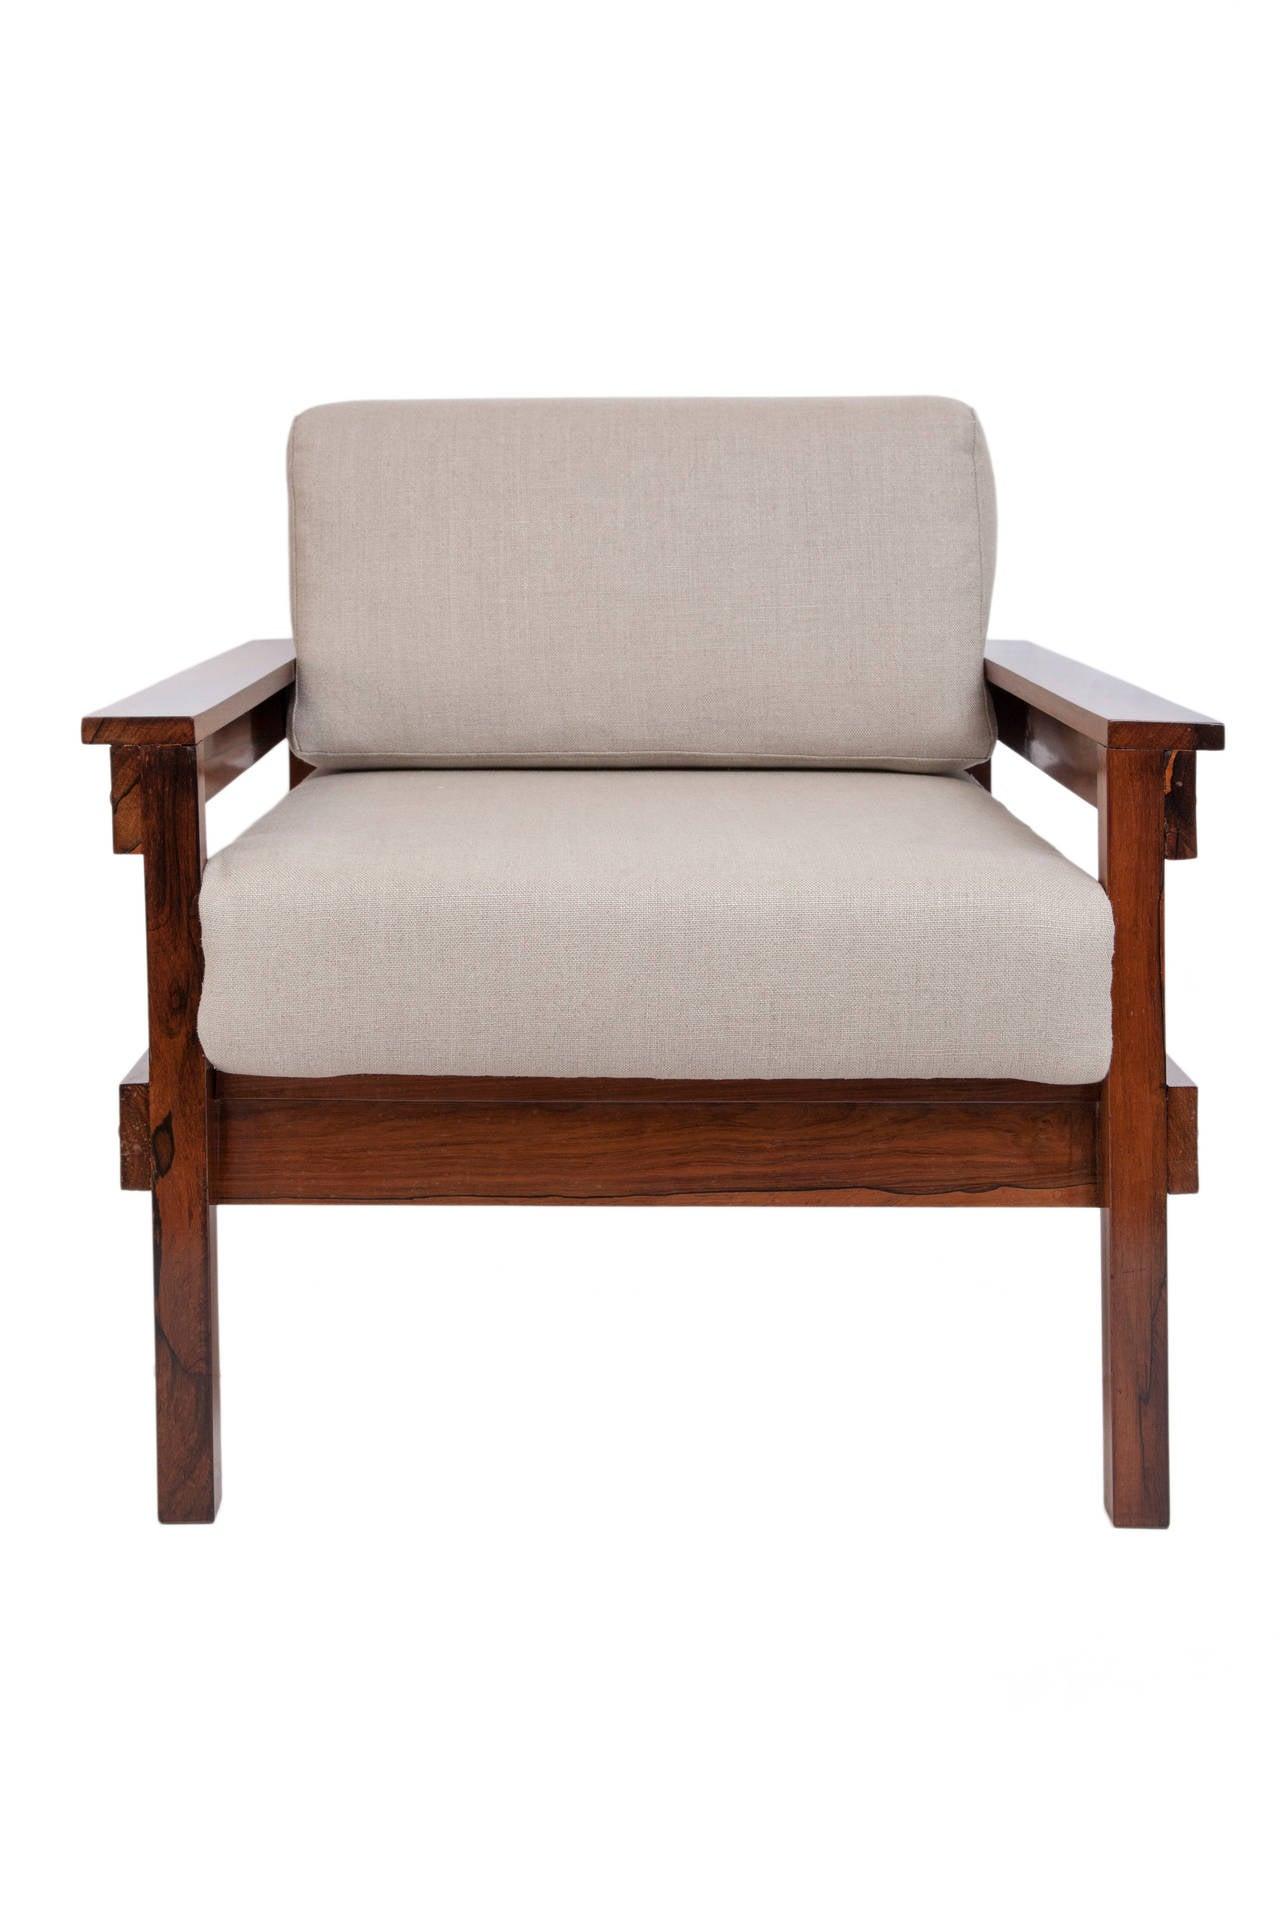 Pair of Midcentury Brazilian Jacaranda Armchairs Upholstered in Beige Linen 6